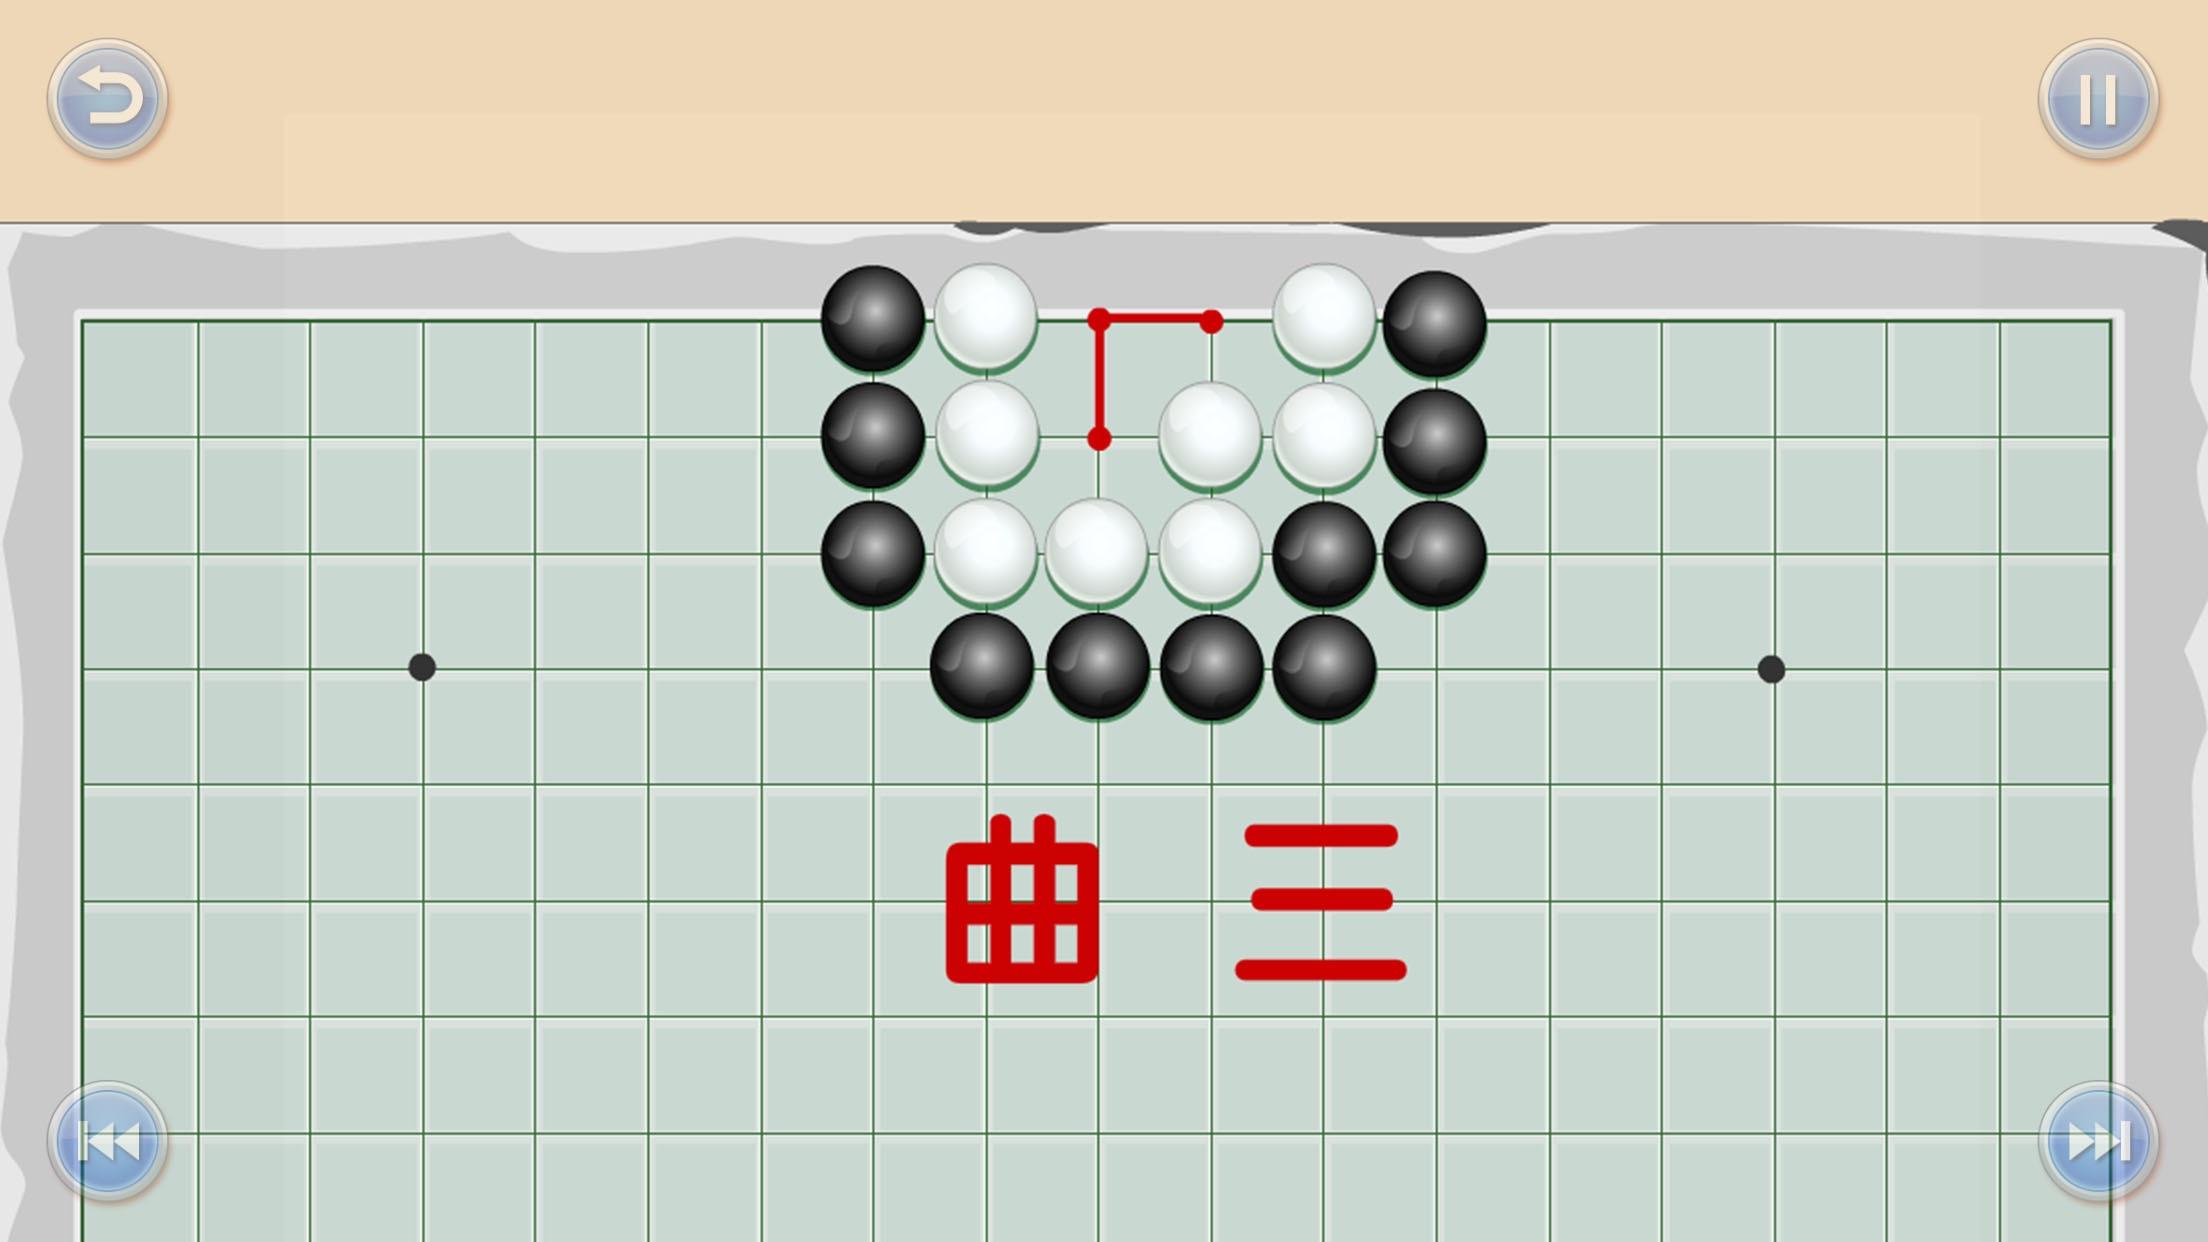 少儿围棋教学系列第十一课 Screenshot